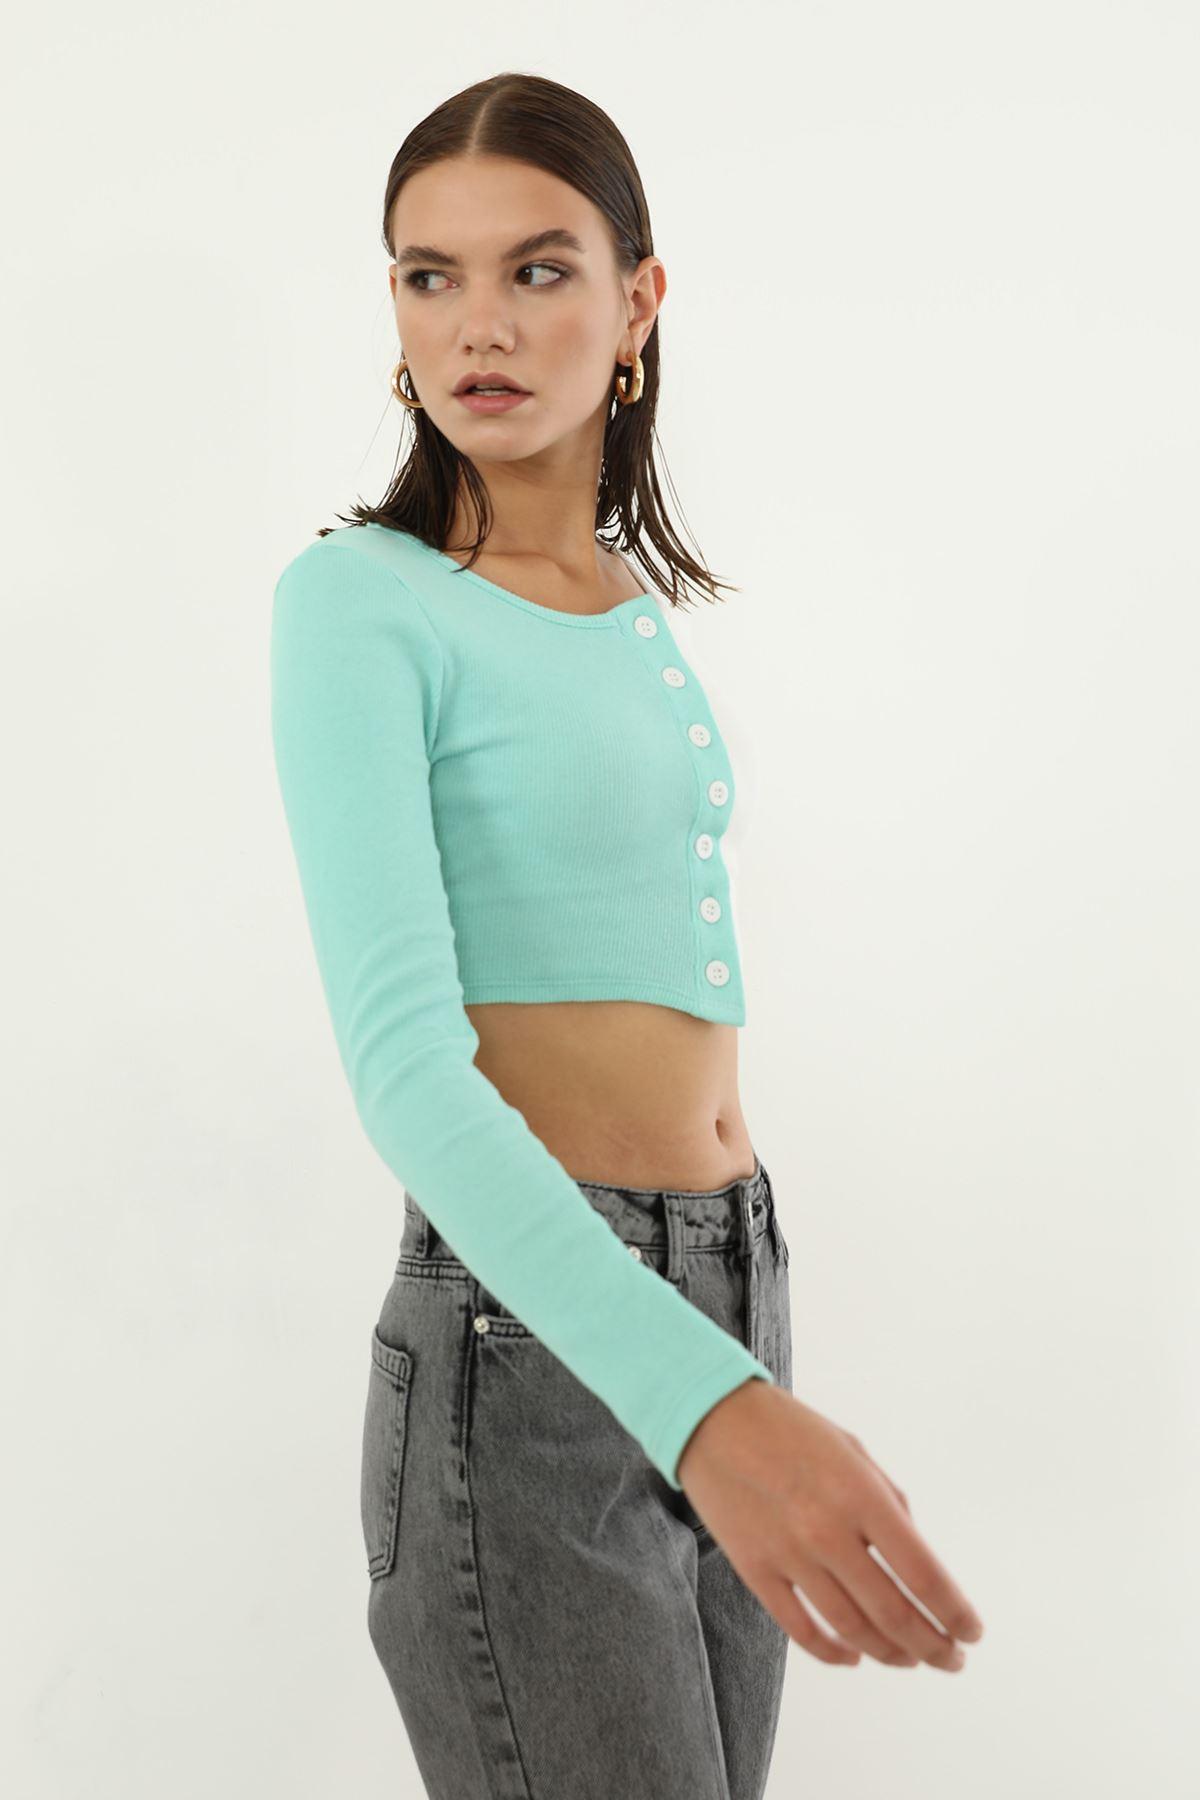 Çift Renk Bluz-Mint